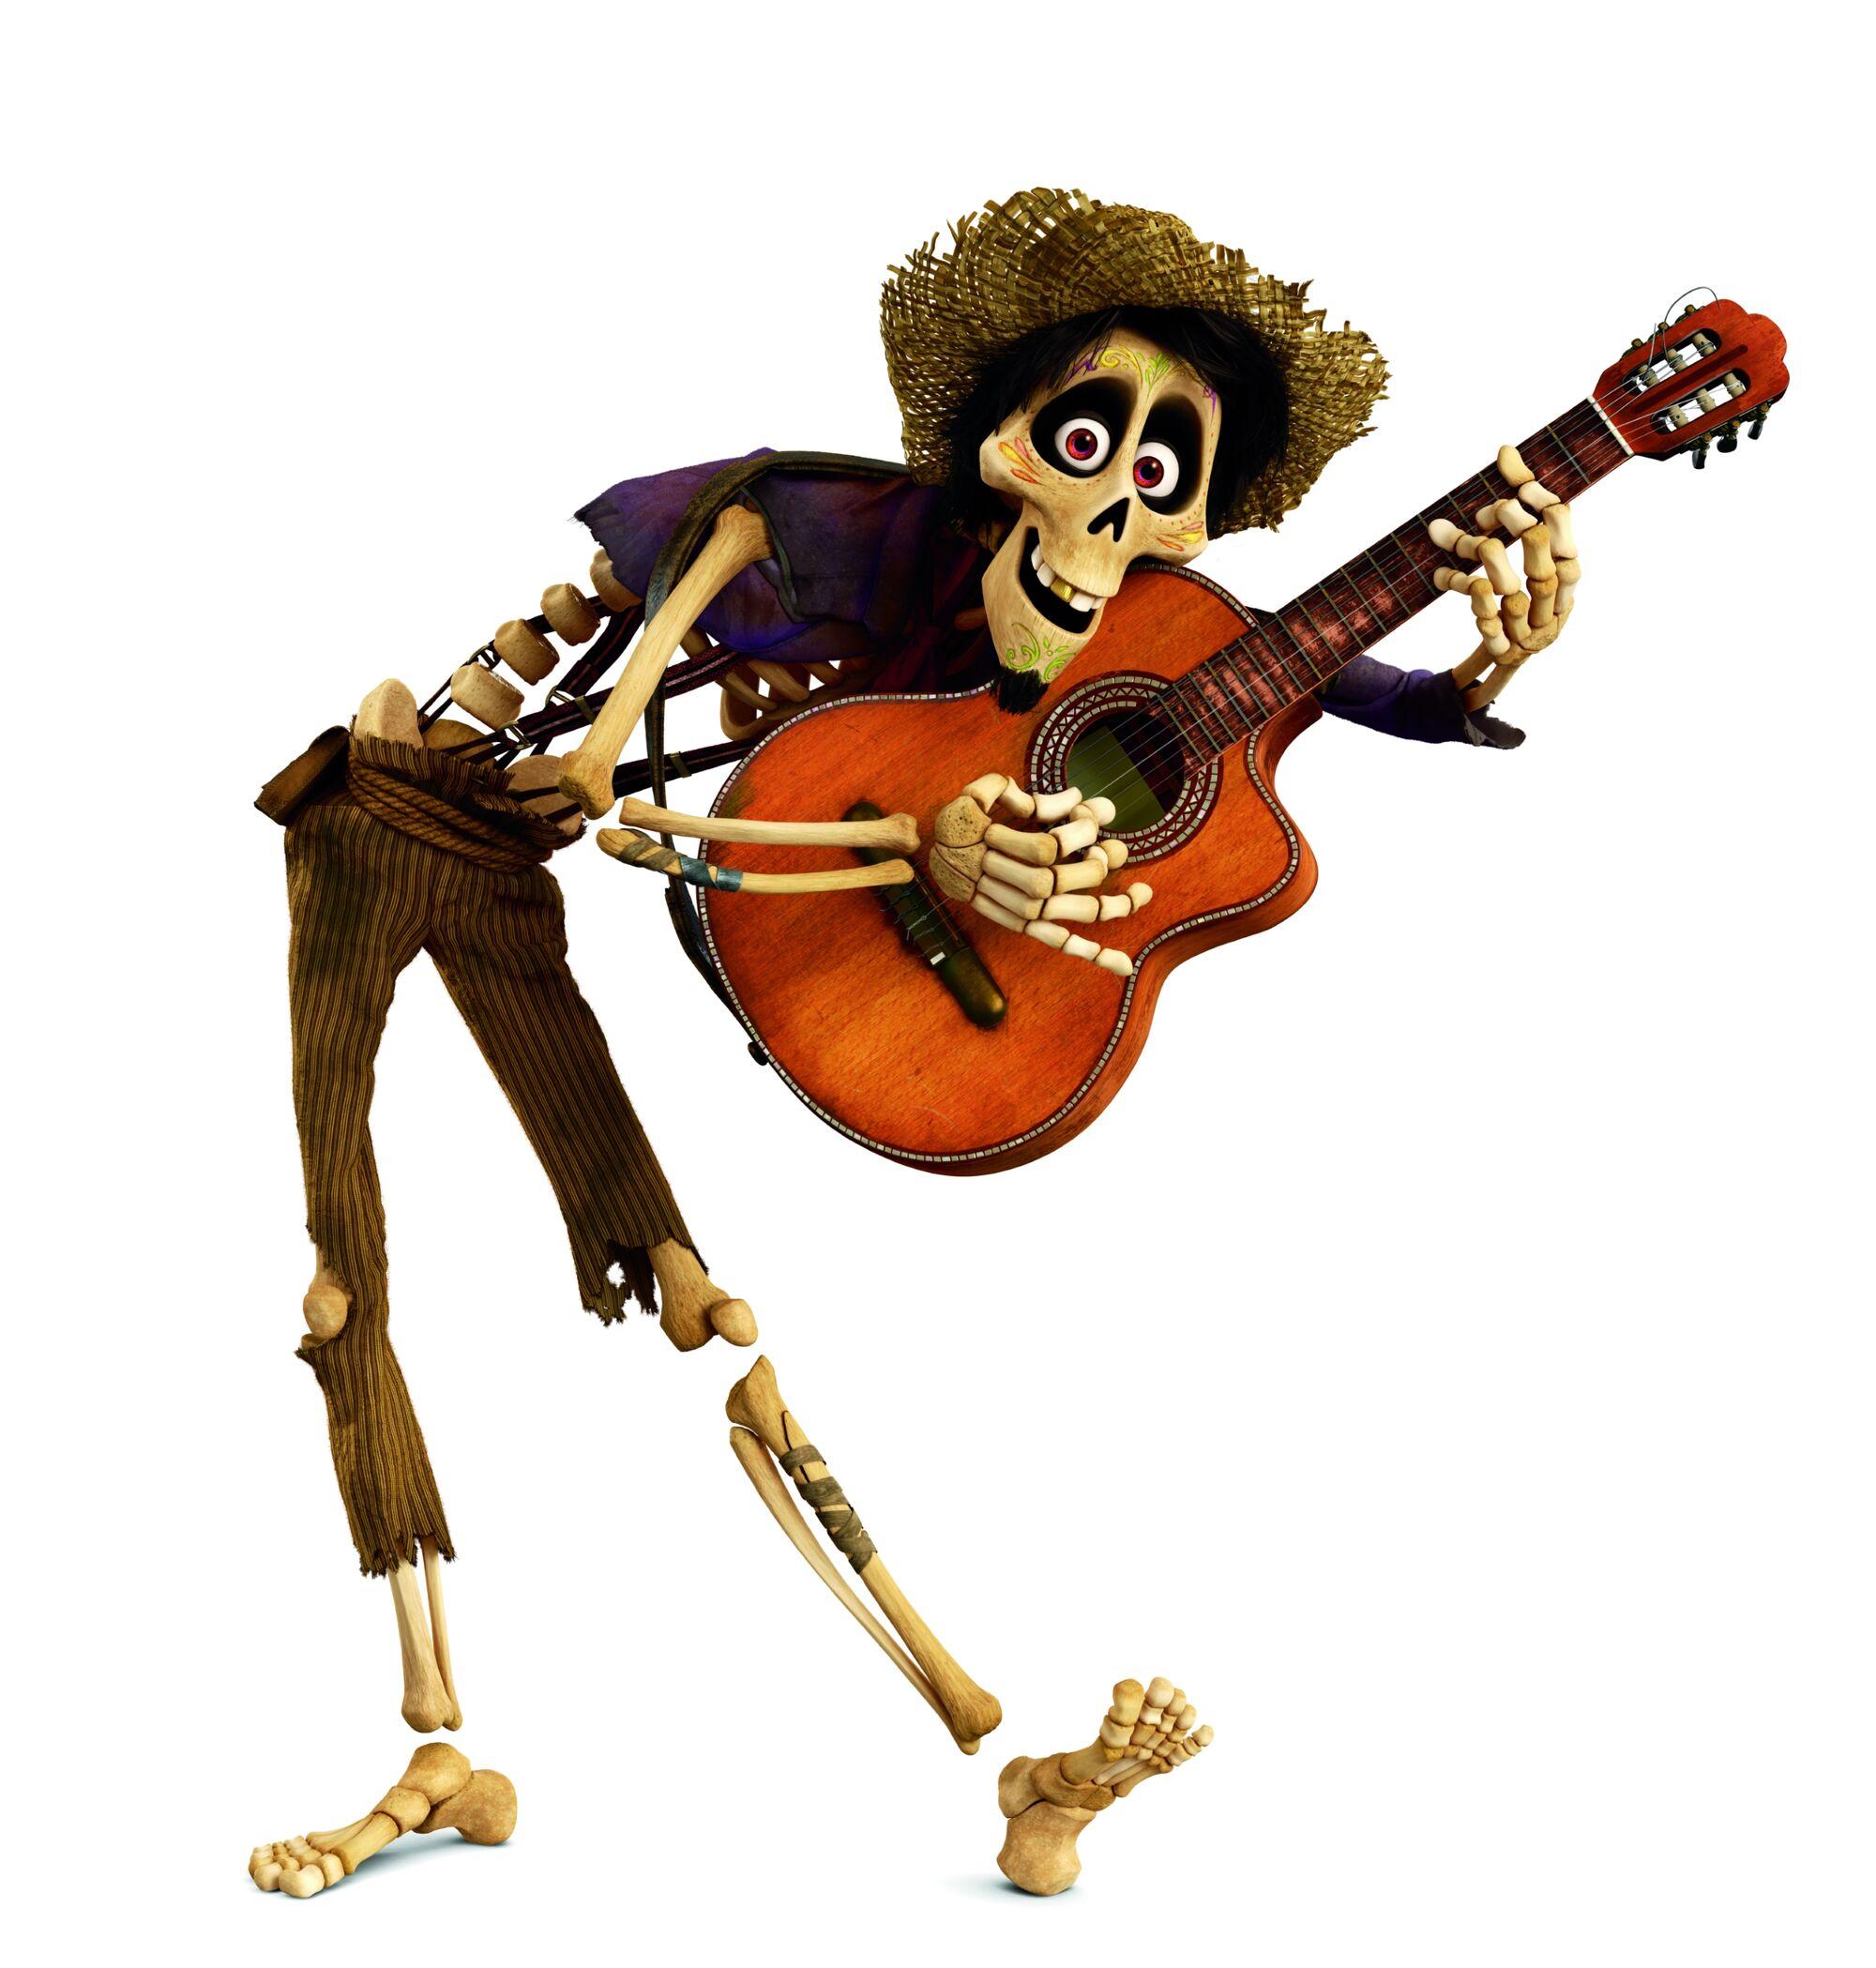 Image - Coco Hector and Guitar.jpg   Disney Wiki   FANDOM ...